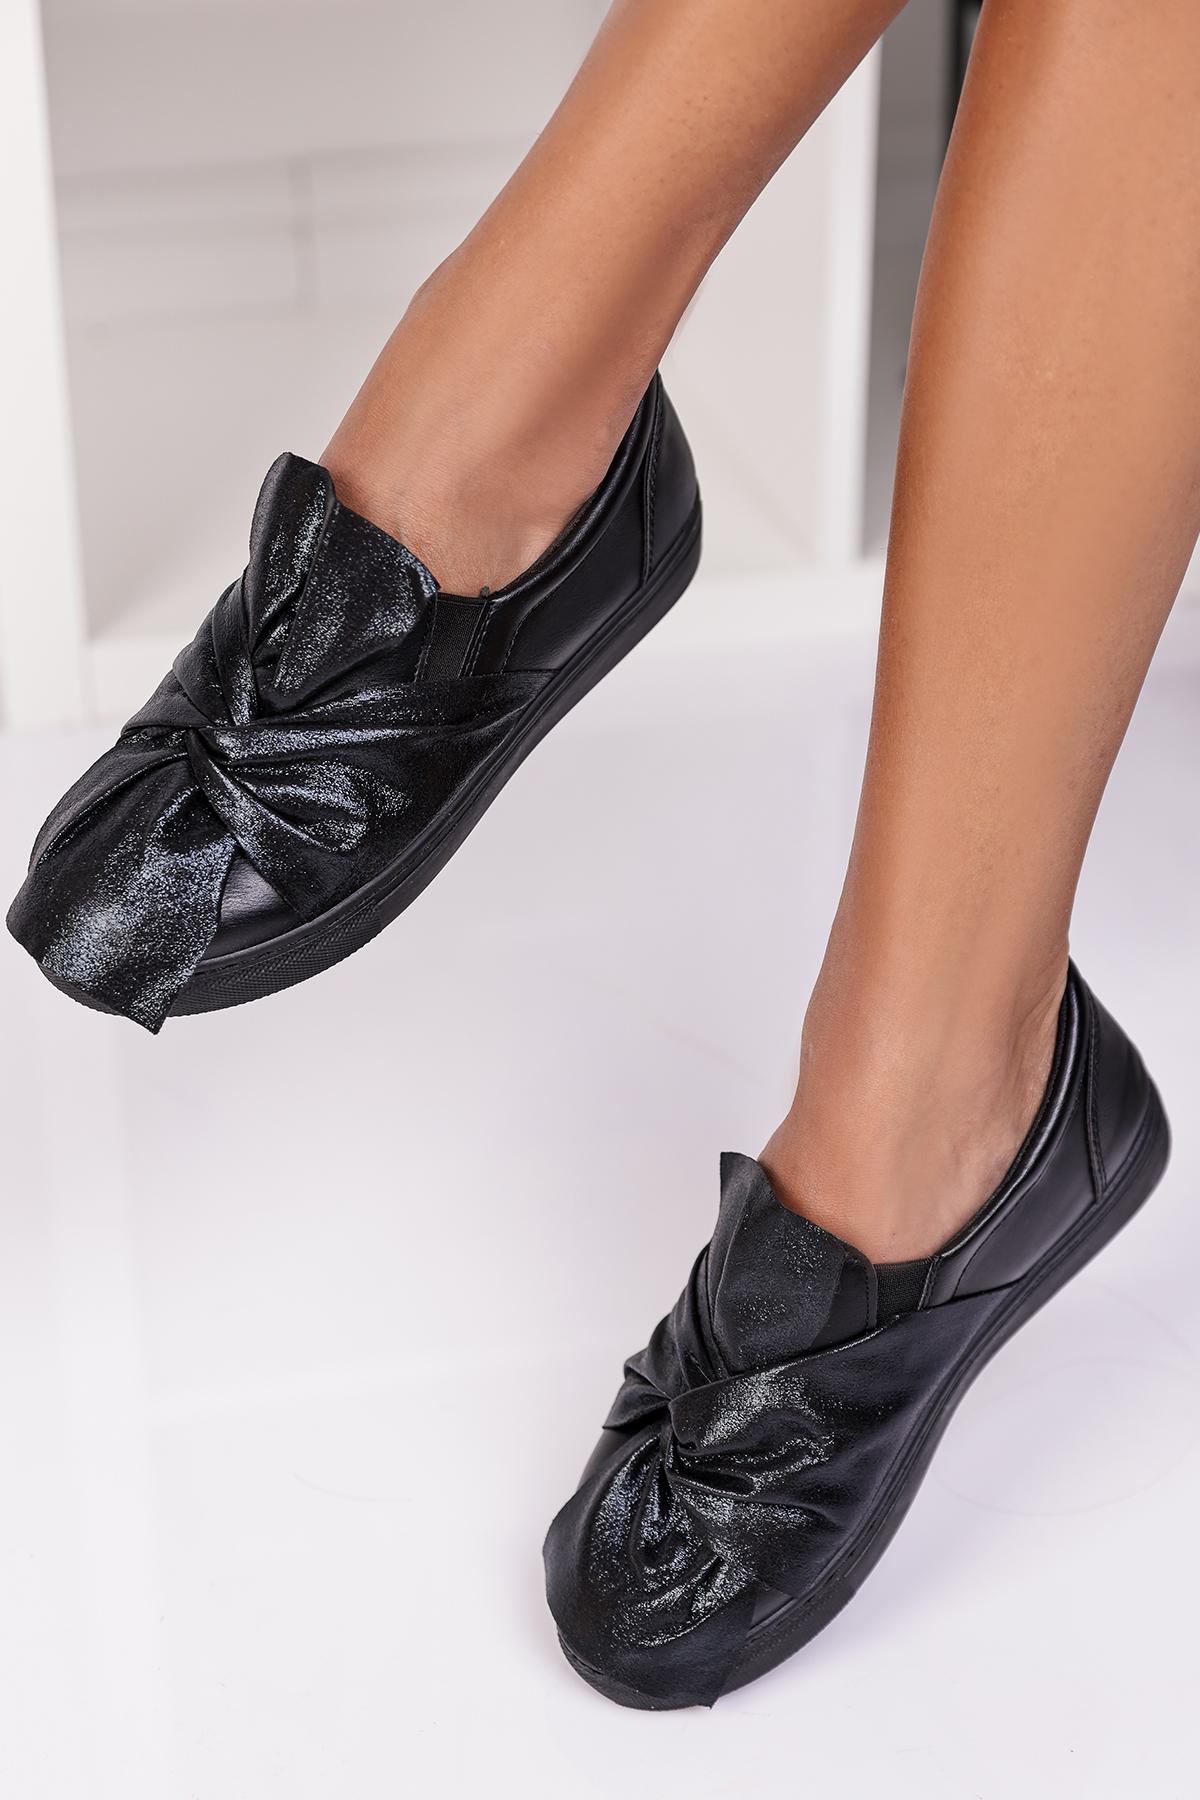 γυναικεία παπούτσια DEROLANA – 1